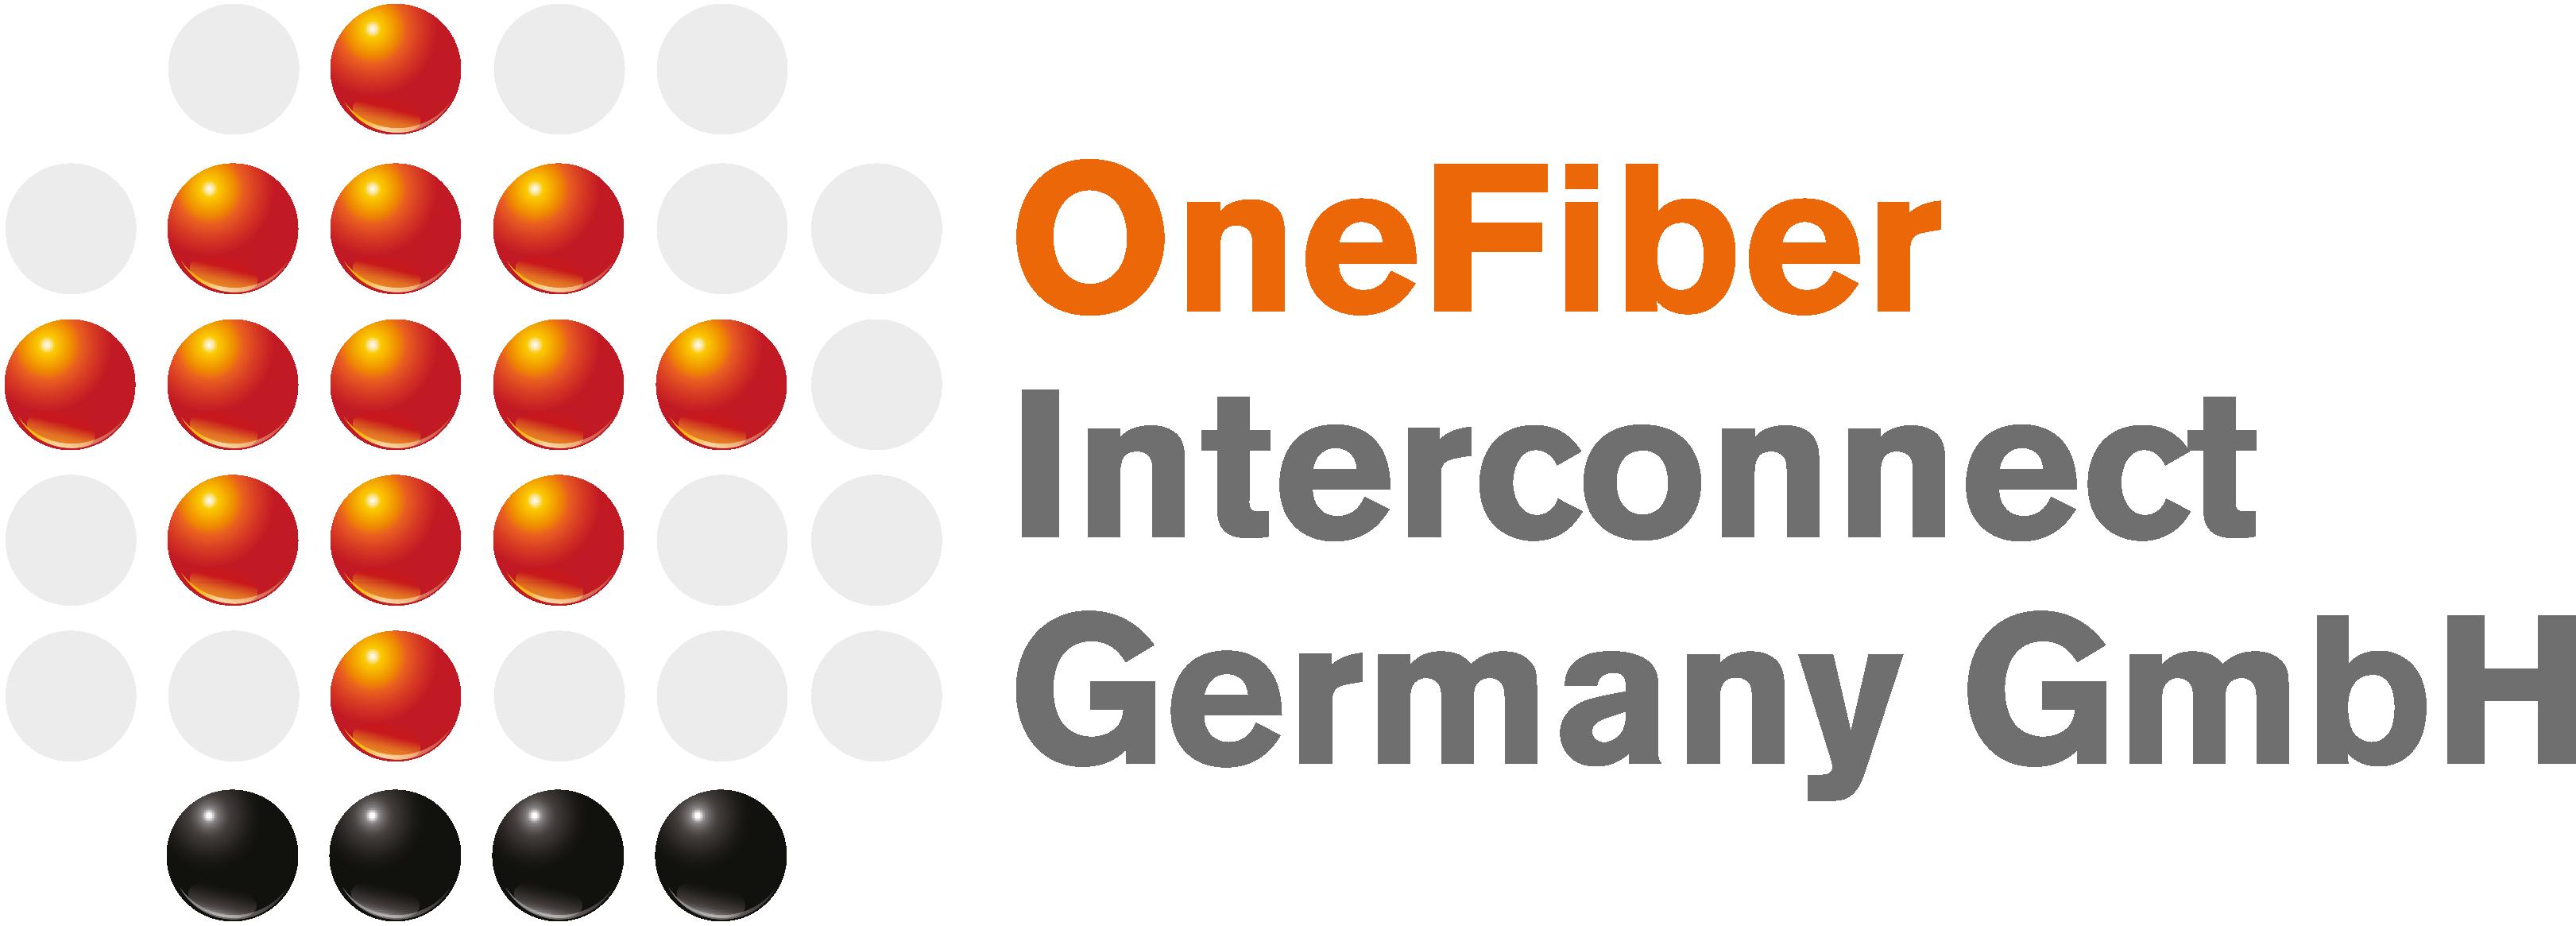 OneFiber